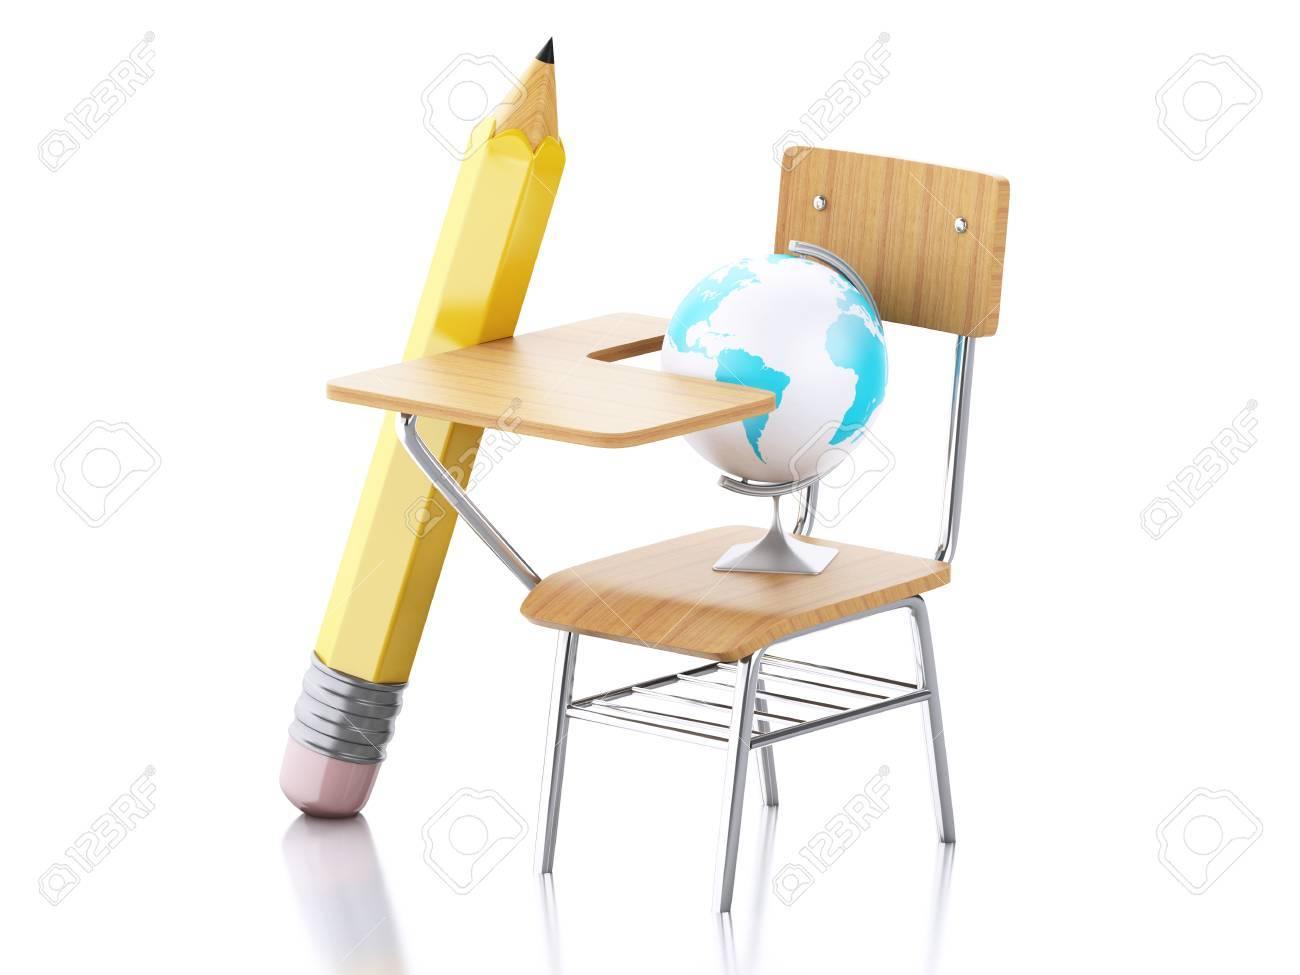 Abbildung 3d Schultisch Bleistift Stuhl Und Globus Education